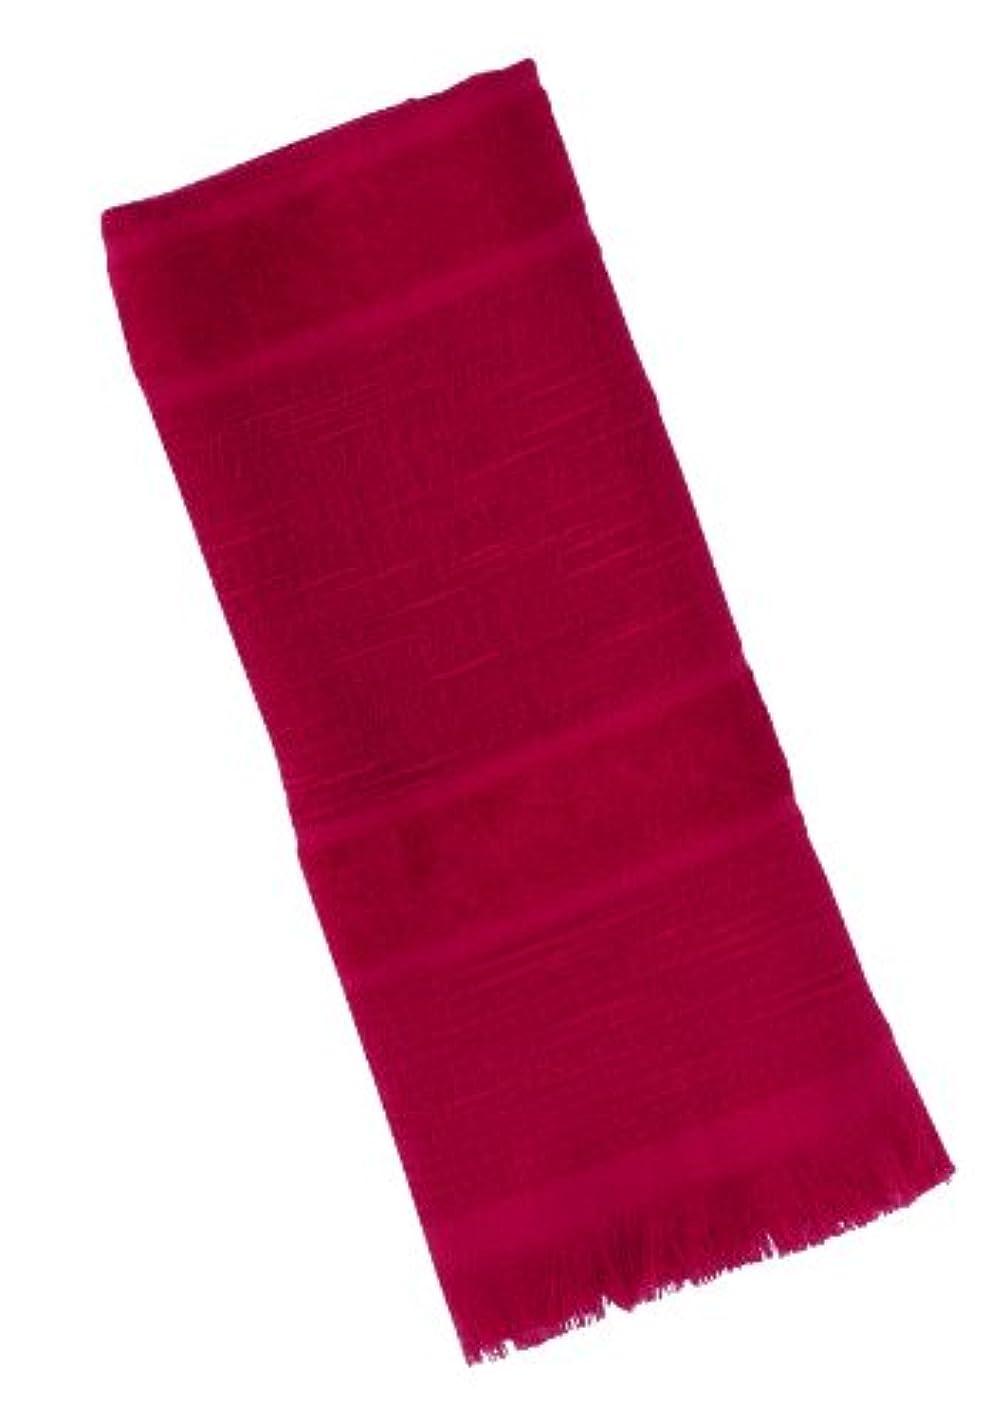 手段生き返らせる自動的に宮崎タオル いまばりマフラー70 オリジナルシリーズ No.6 ピンクレッド